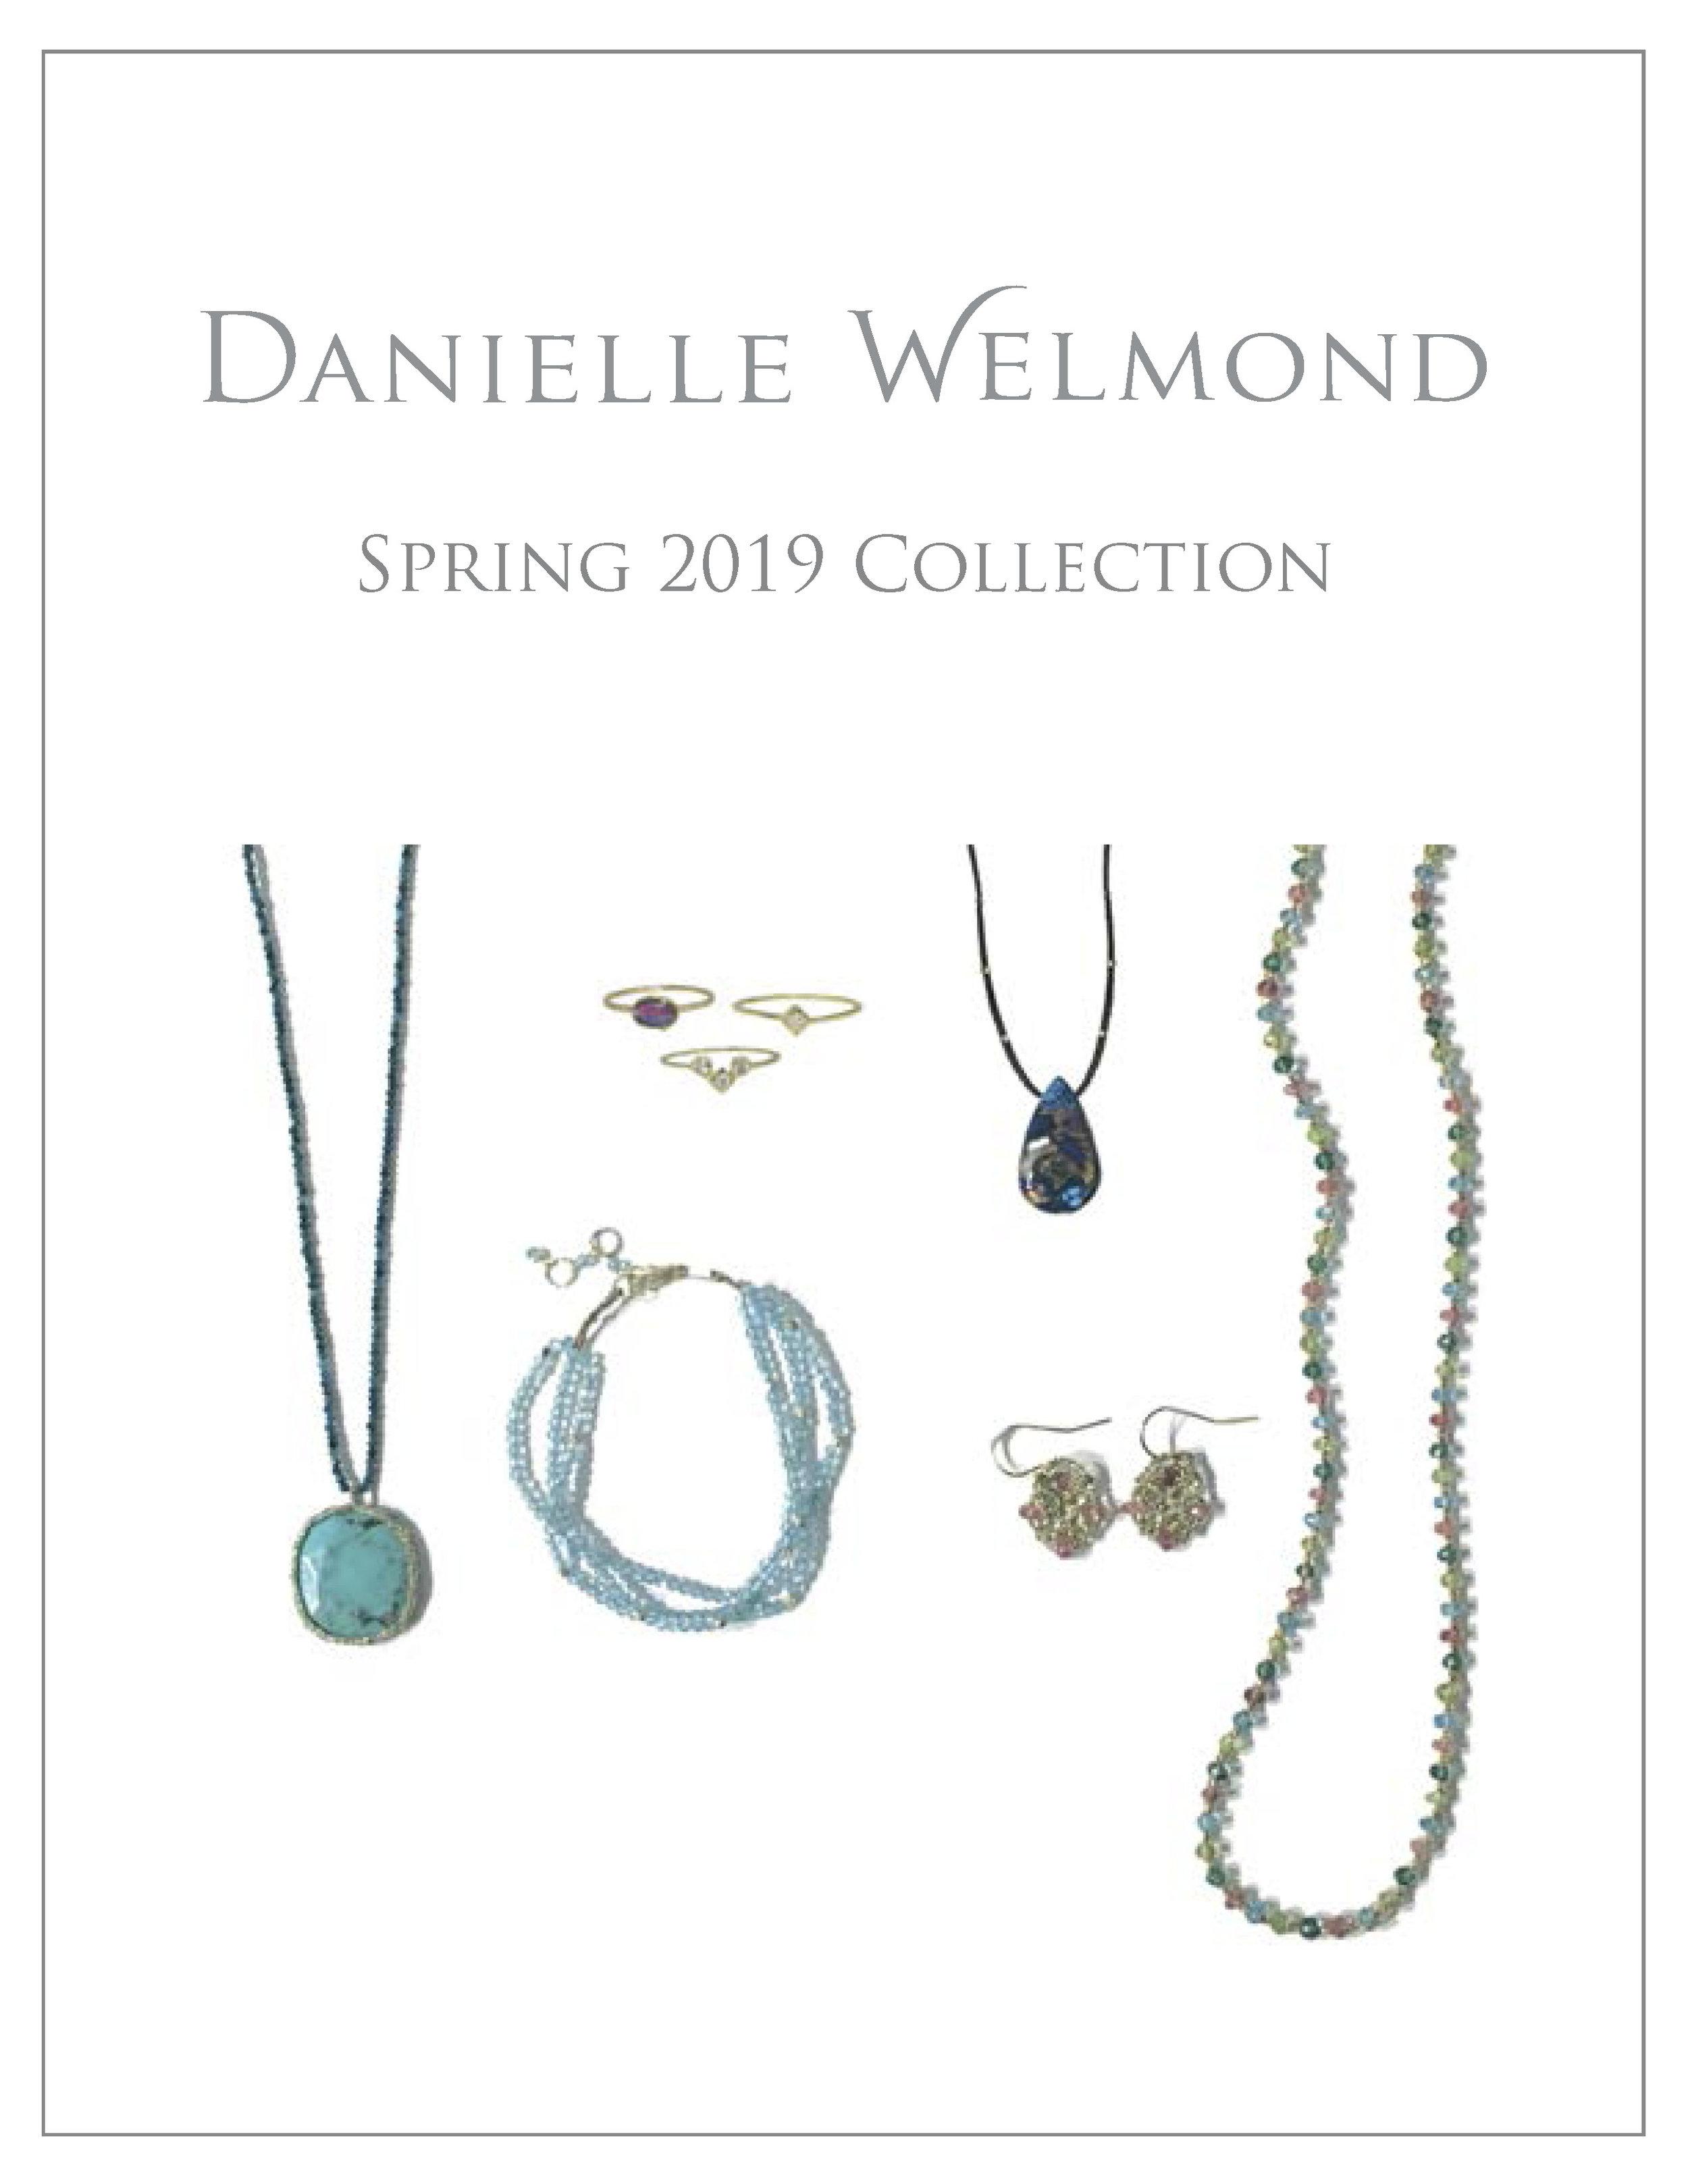 Danielle Welmond Spring 2019 Cover Art .jpg